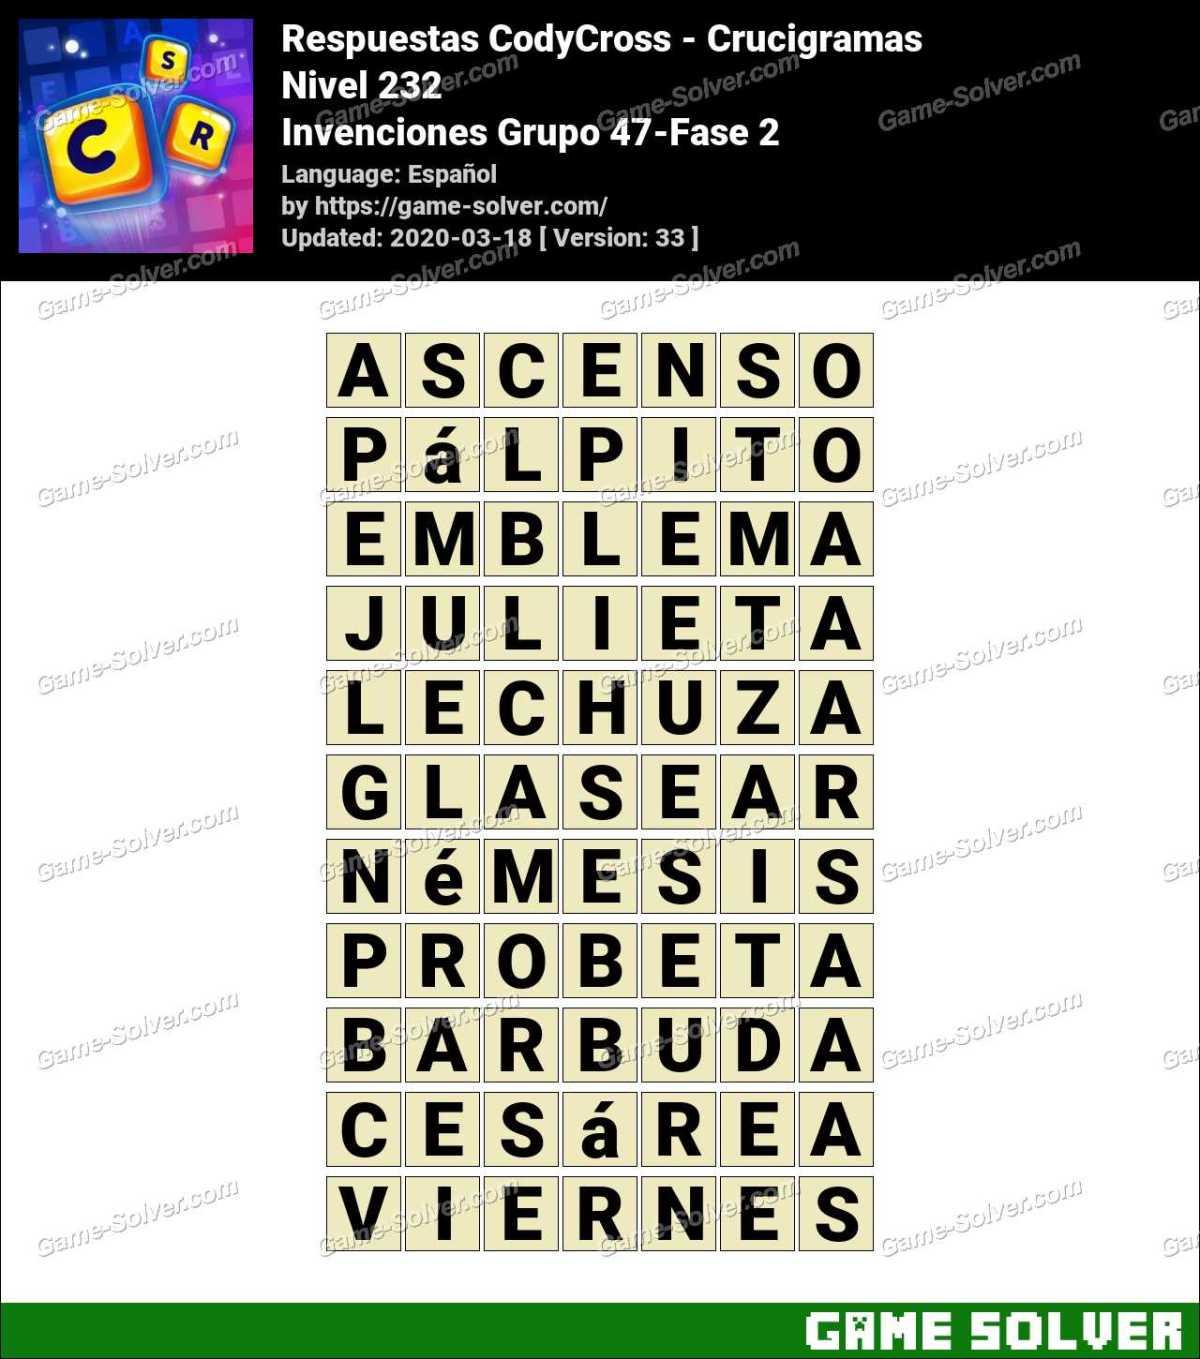 Respuestas CodyCross Invenciones Grupo 47-Fase 2